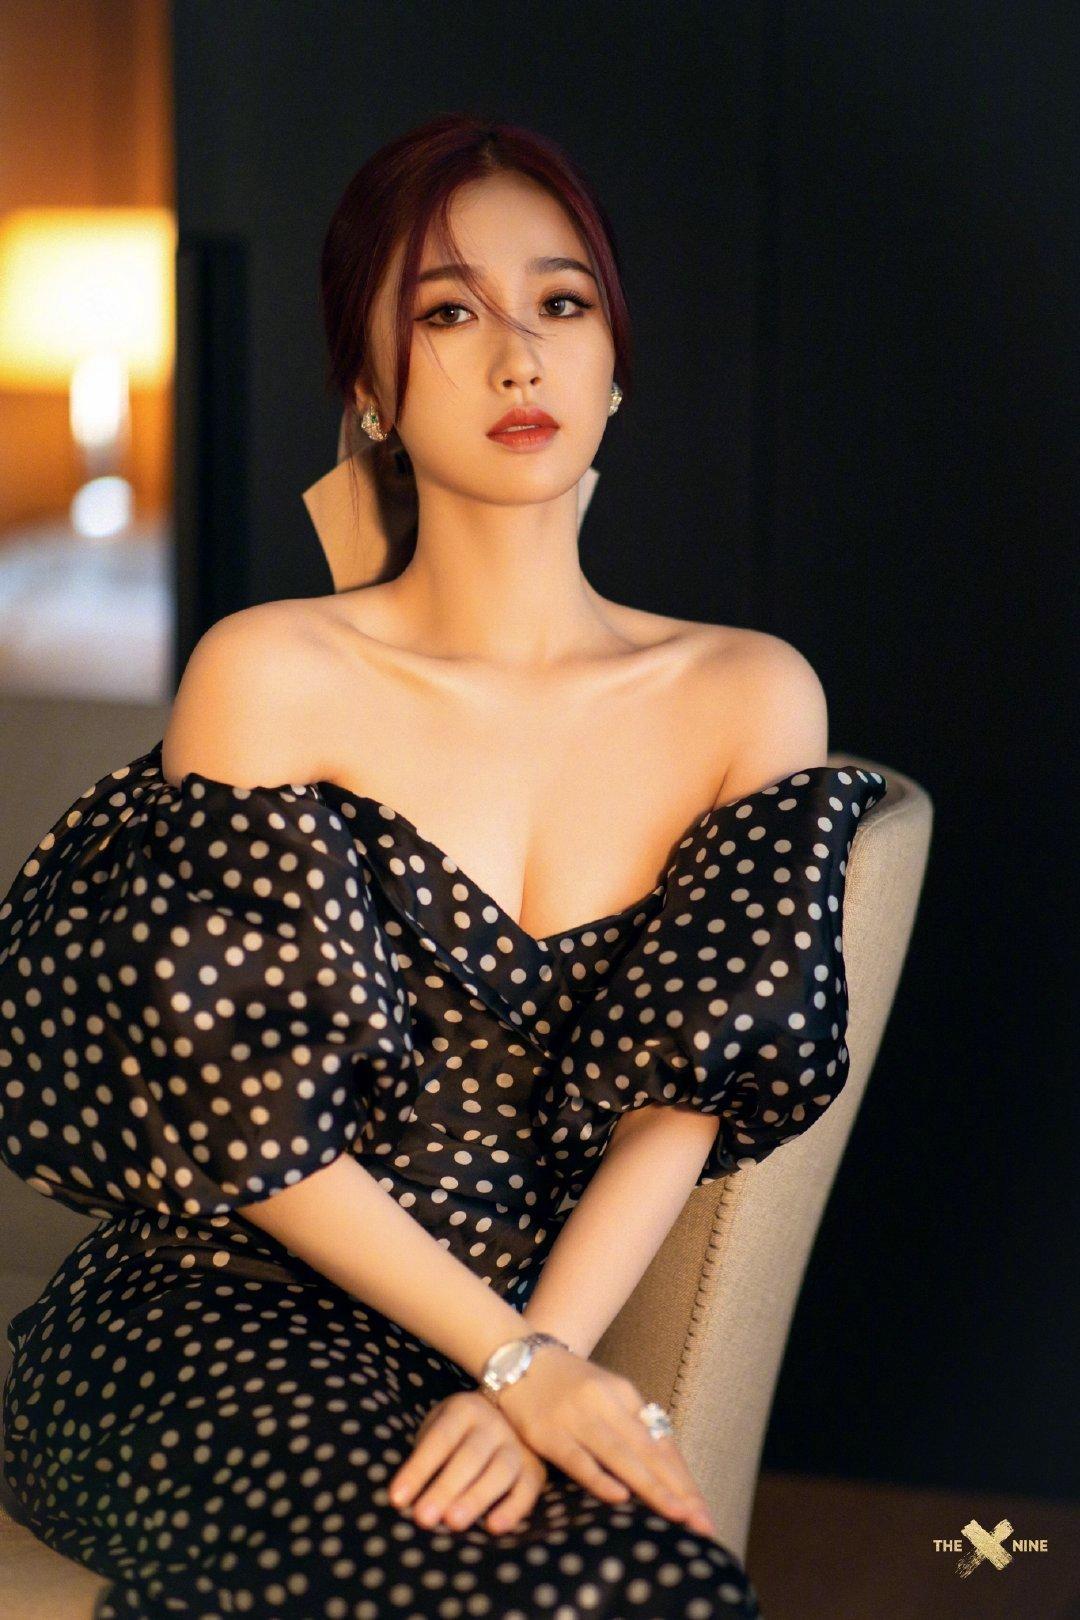 虞书欣身穿黑色波点长裙参加宝格丽活动,这套造型好好看,很适合她